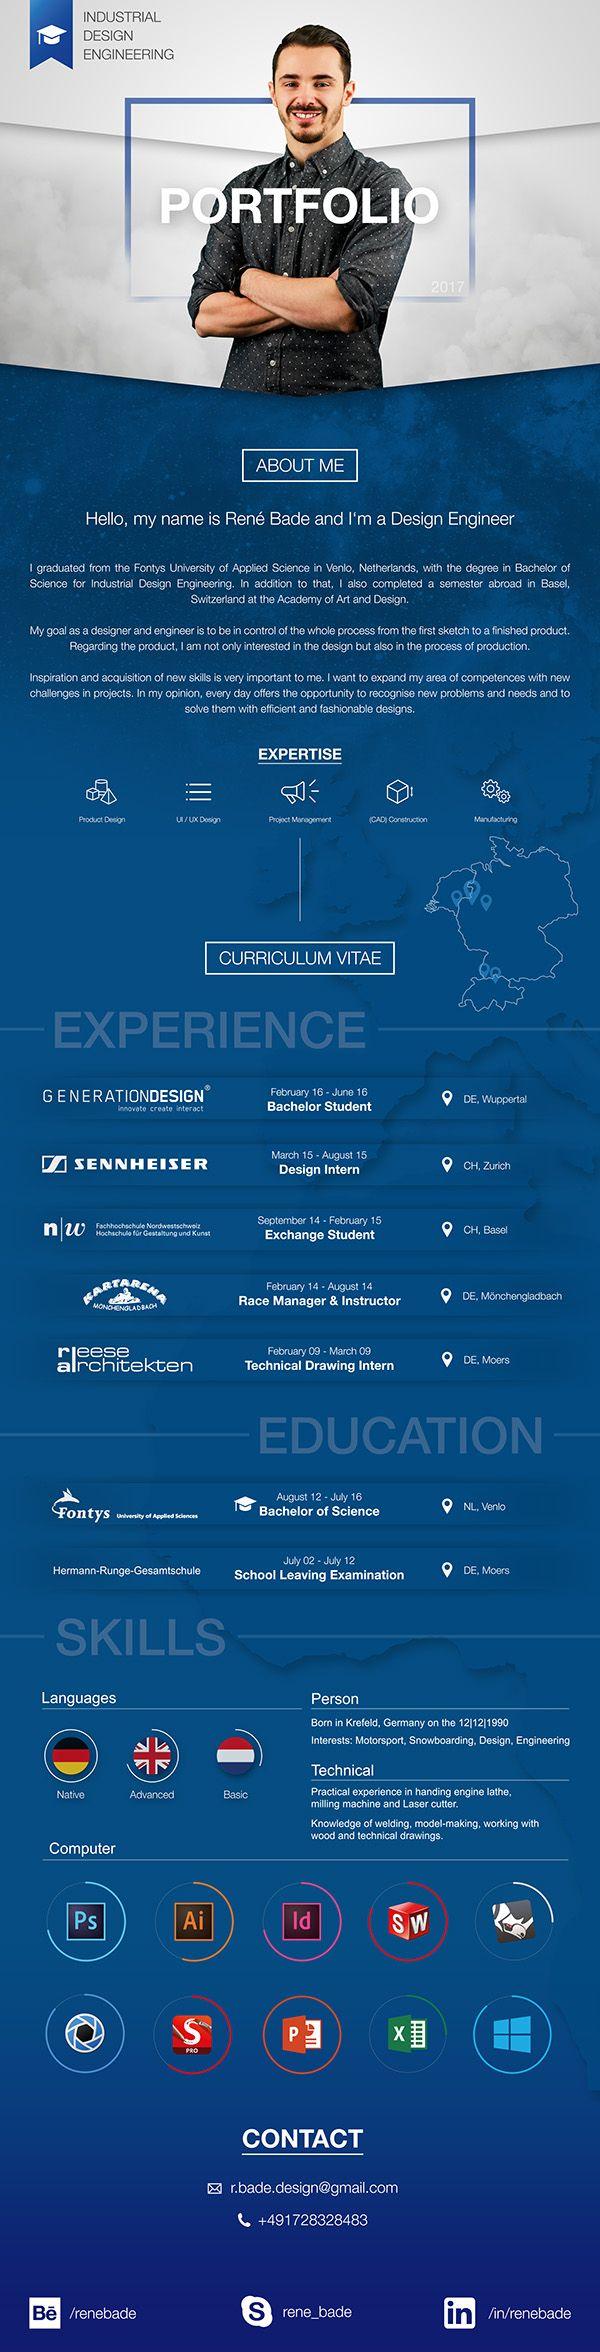 Portfolio Industrial Design Engineering Curriculum Vitae | My ...